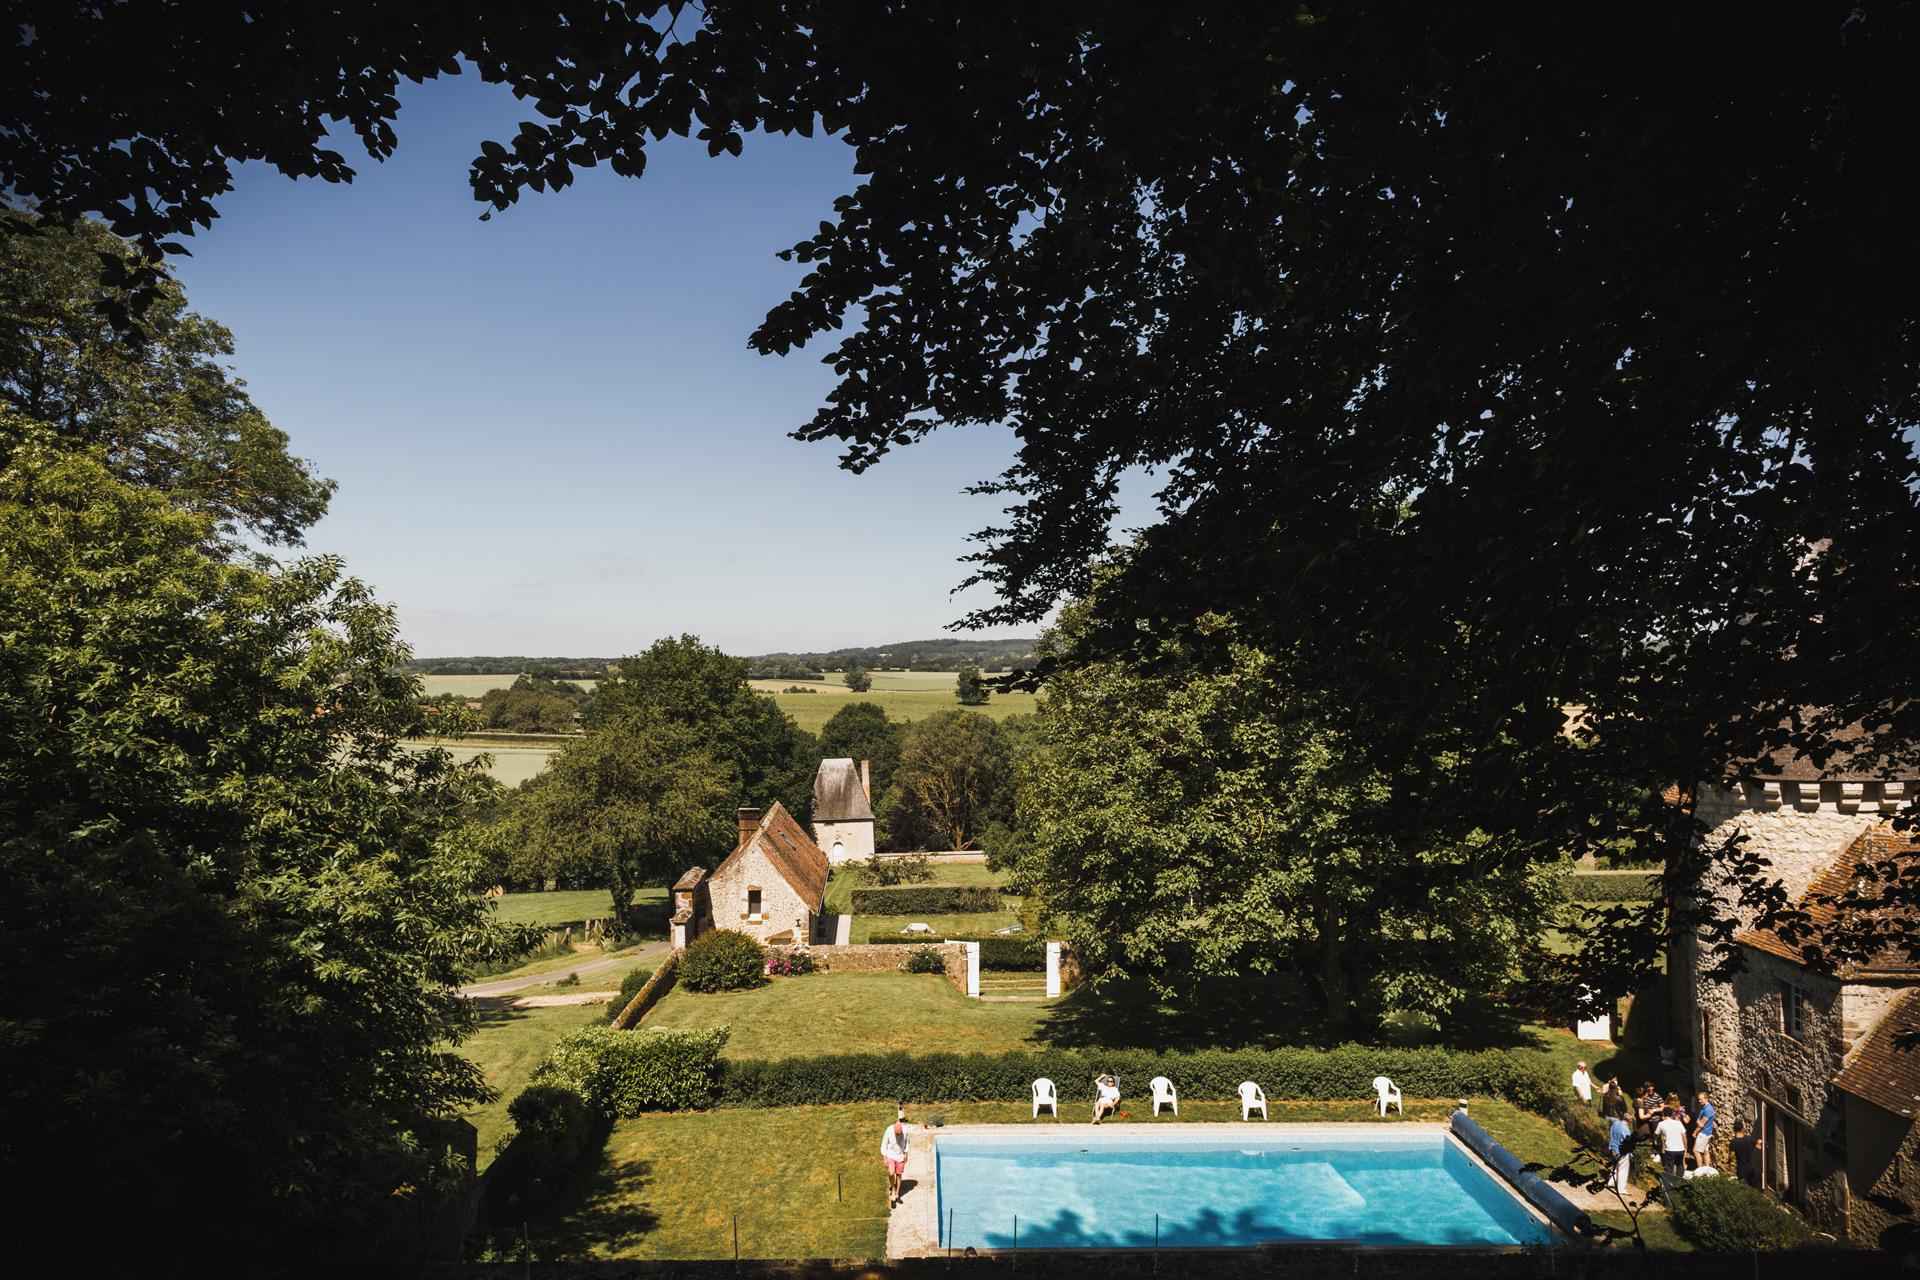 La piscine et le pavillon du manoir de Bellegarde